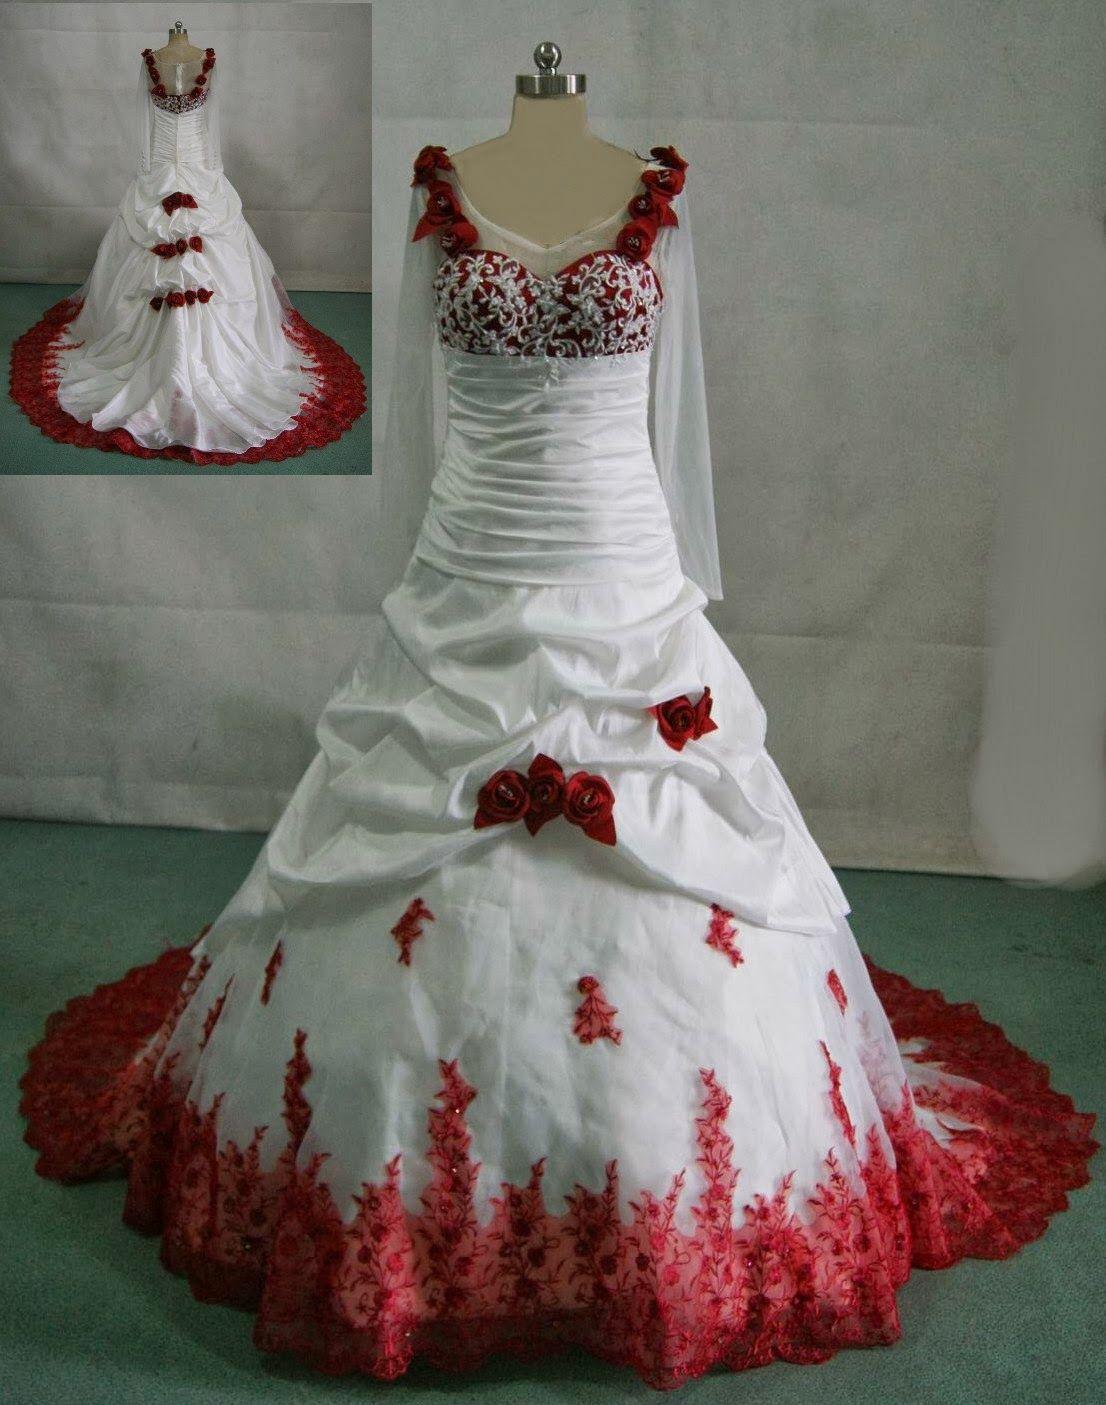 Plus size wedding dresses with red accents  plus size white wedding dress with red accents  Vestidos de novia